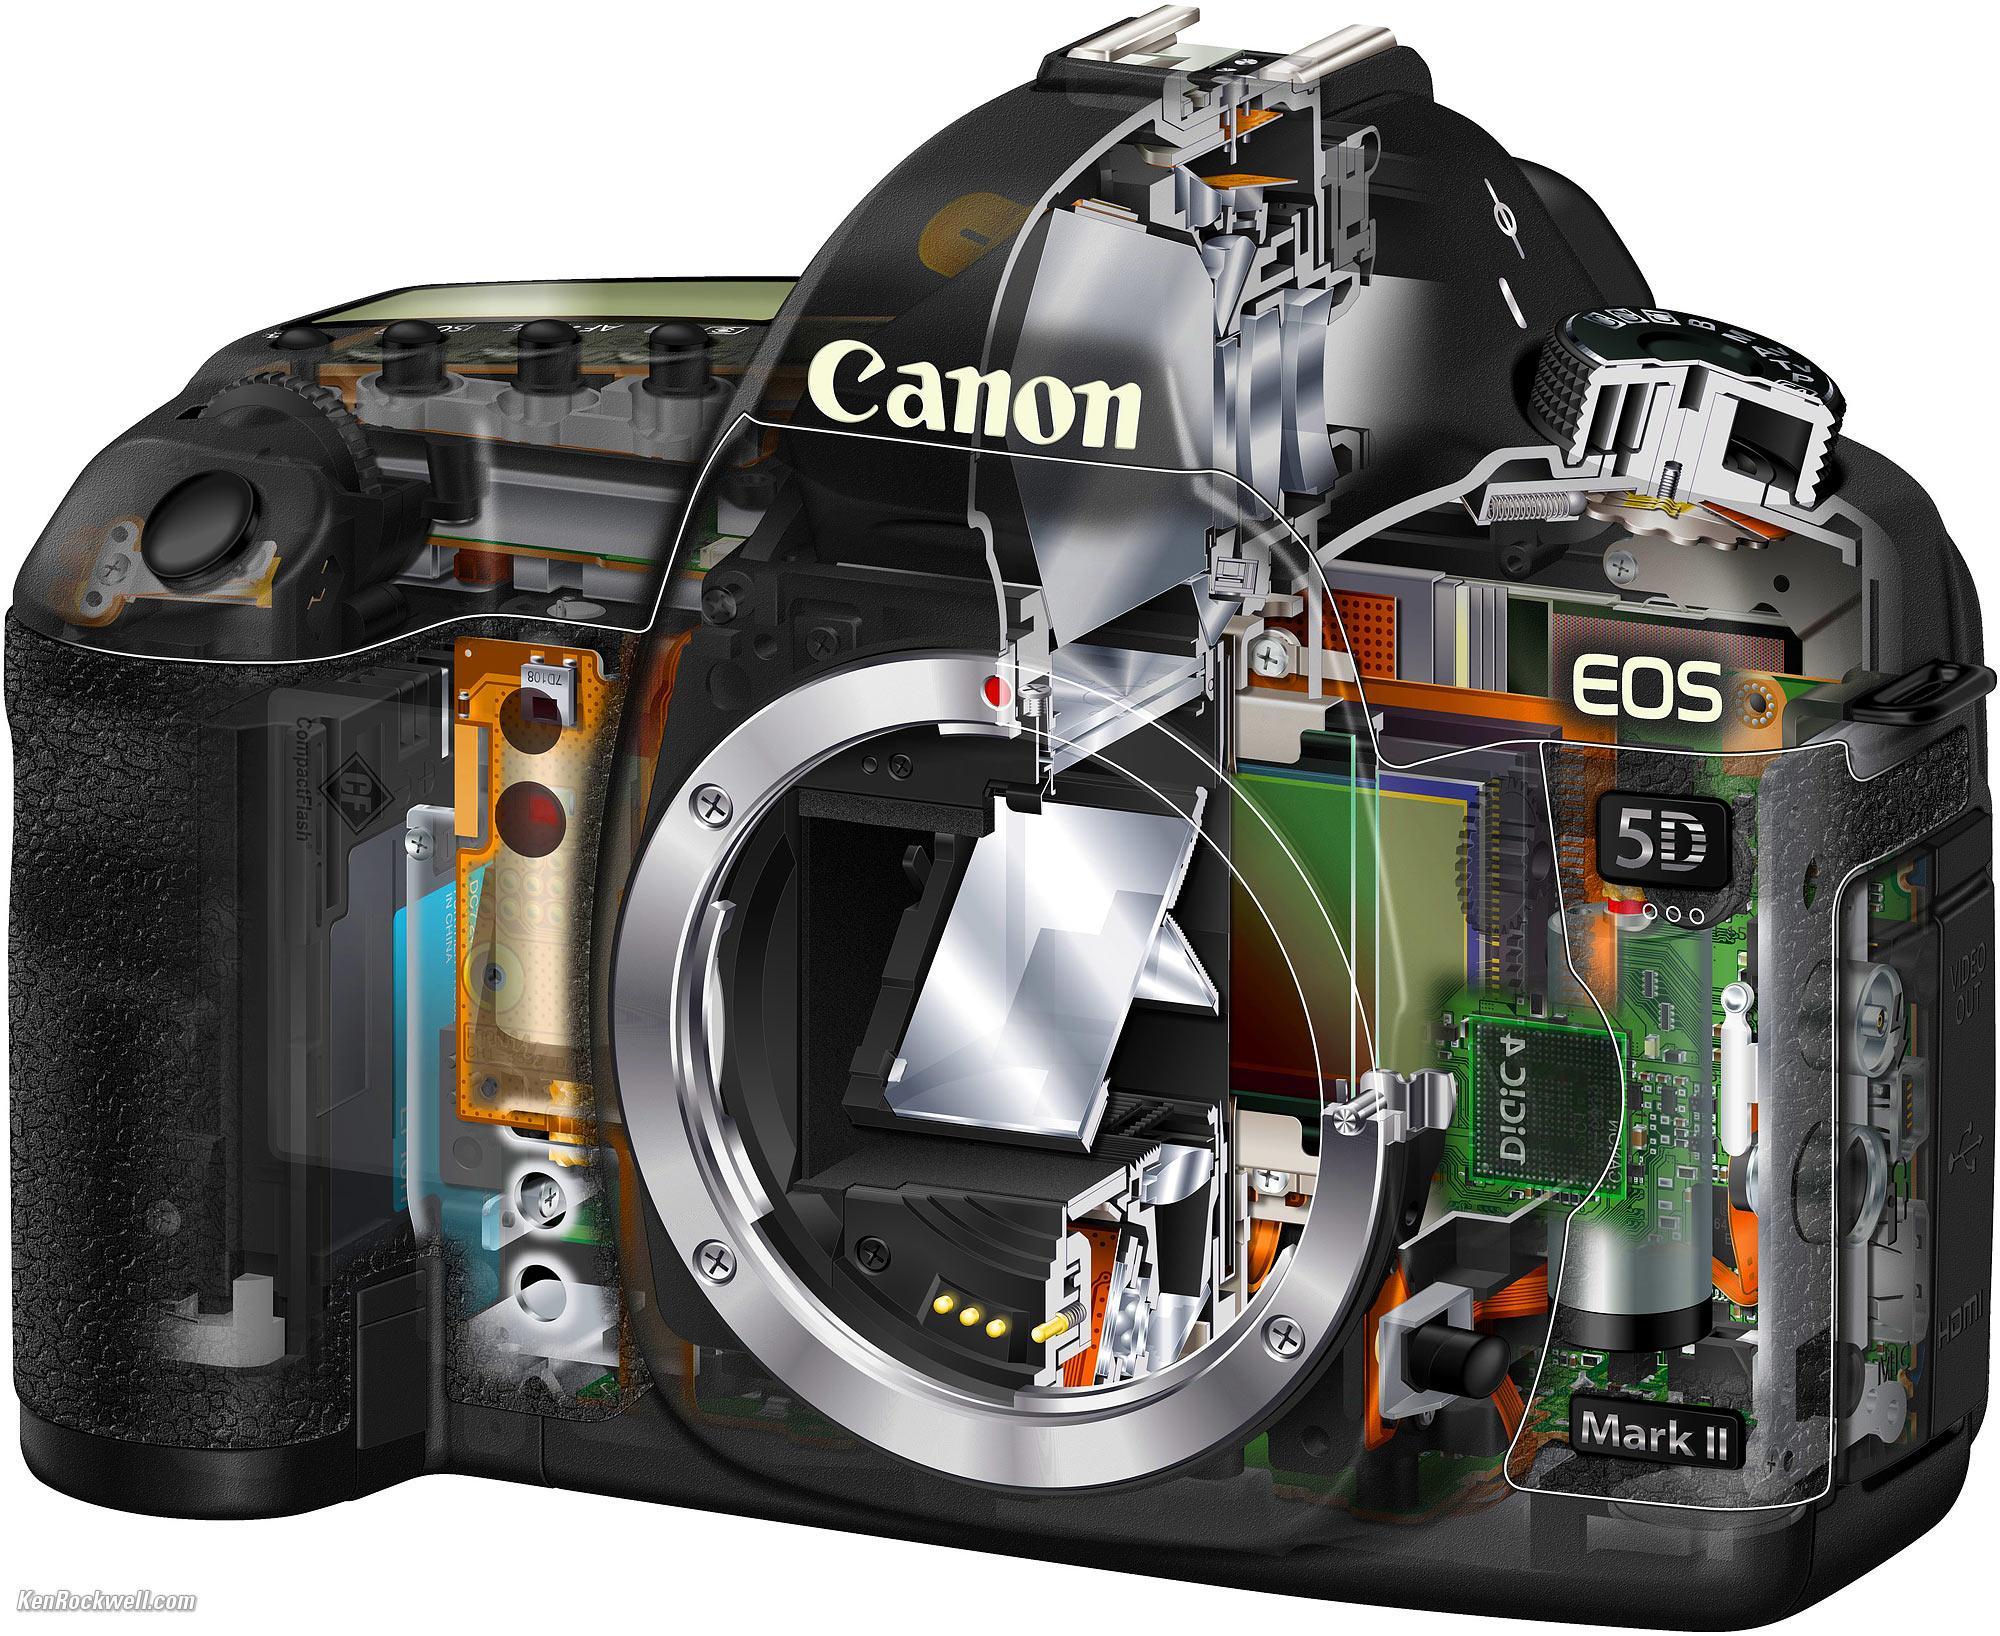 Camera Repair | Camcorder Repair Center